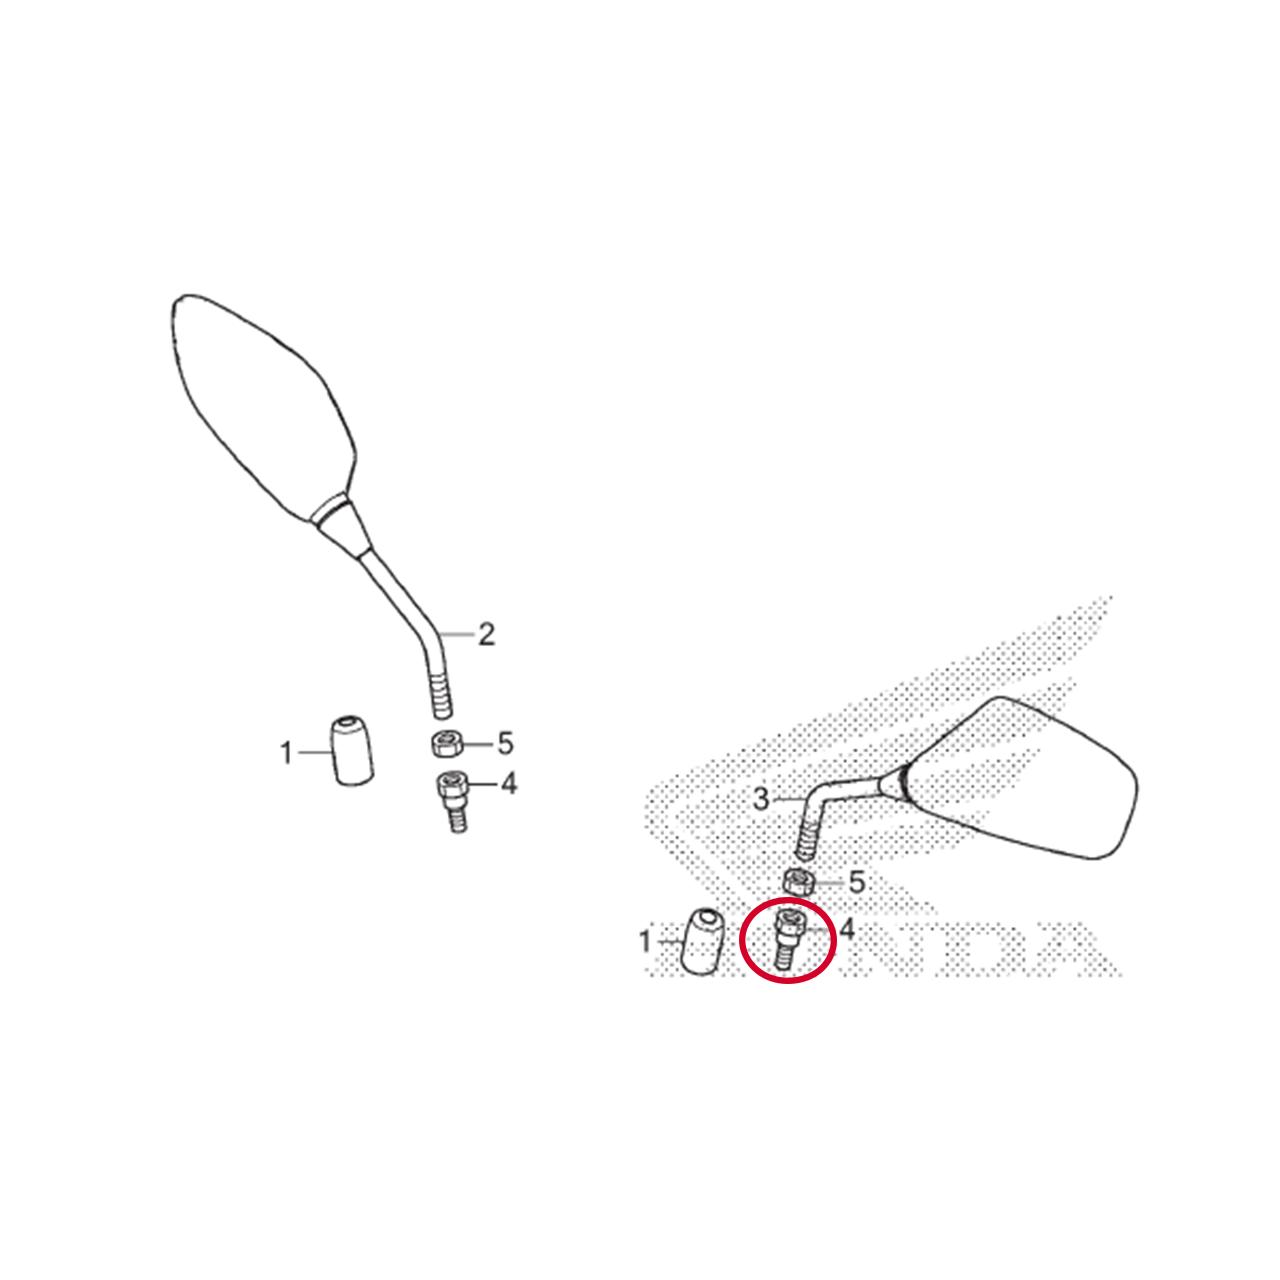 Parafuso Adaptador Retrovisor 10 mm PCX 150 2016 2017 2018 2019 2020 Original Honda 90003MY5720